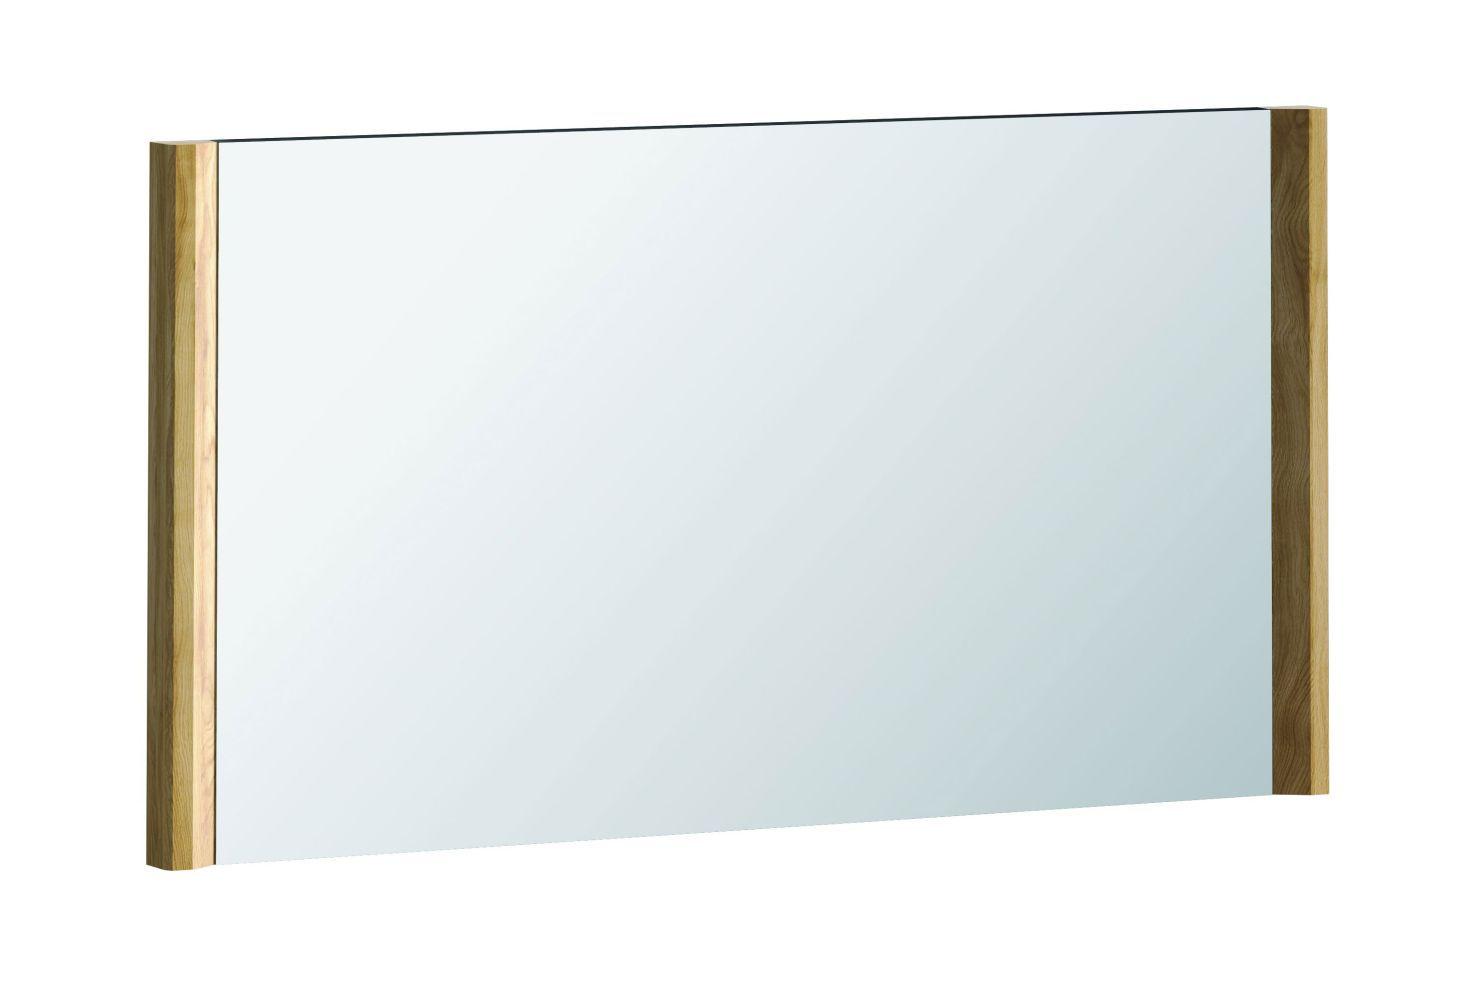 """Spiegel """"Topusko"""" 42, Eiche - Abmessungen: 70 x 130 x 3 cm (H x B x T)"""